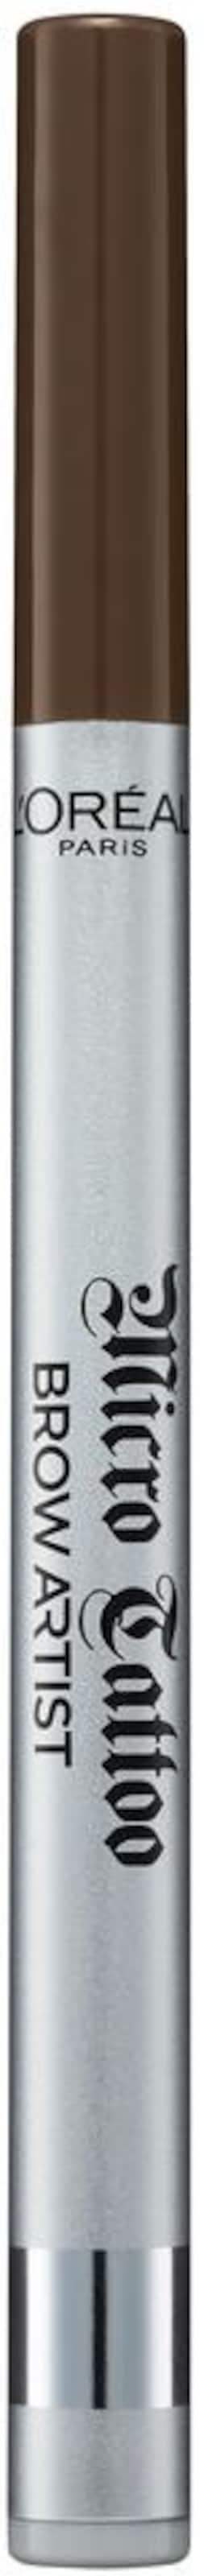 L'Oréal Paris BA MICROTATTOO 107 Günstig Kaufen Besten Verkauf Rabatt Beliebt Hohe Qualität Günstiger Preis Erhalten Zum Verkauf oJZ9tbxI6